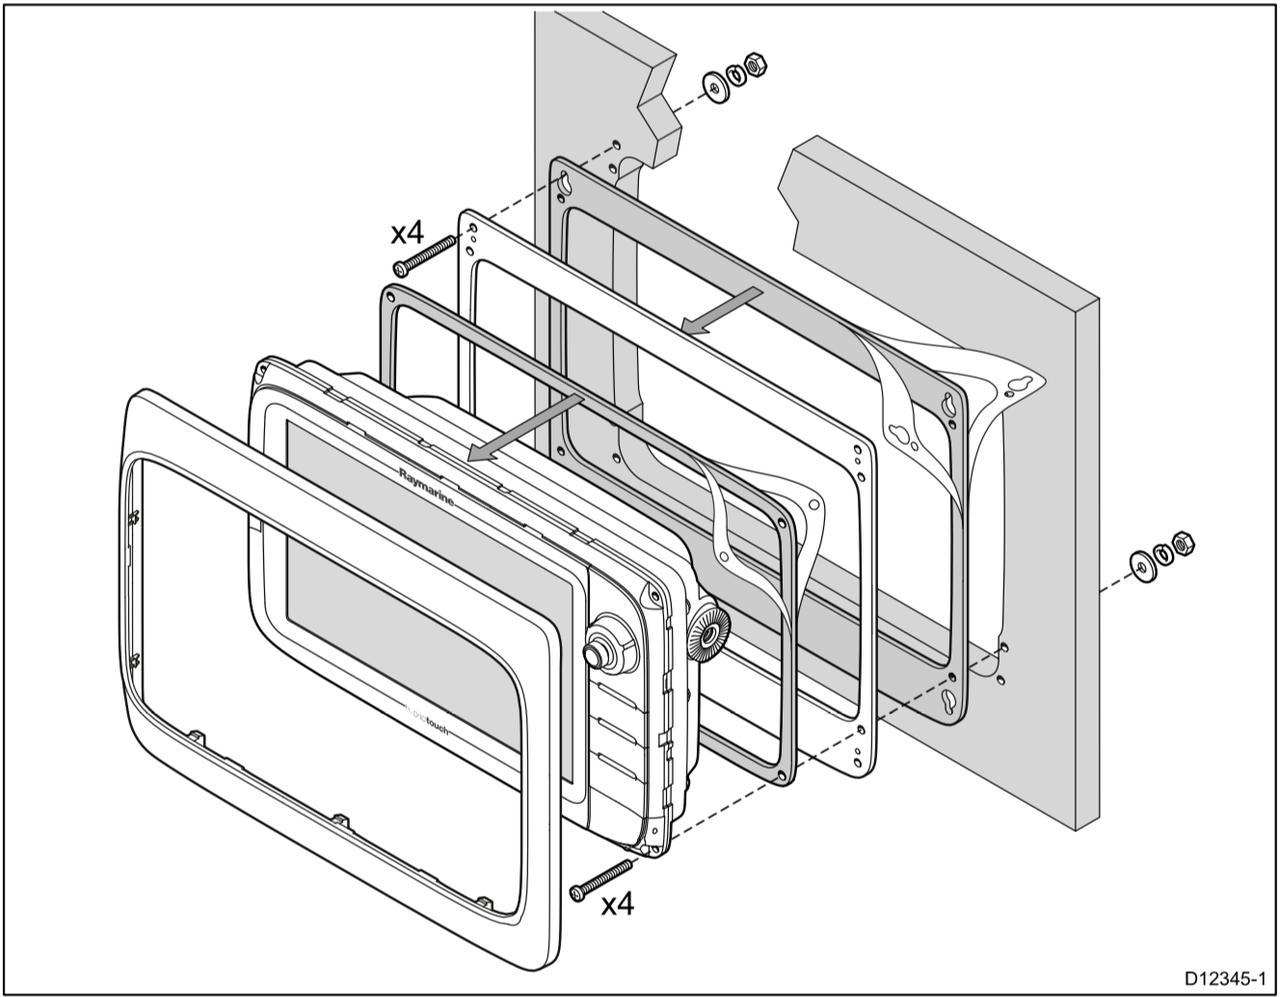 raymond wiring diagram schematics diagram winnebago wiring diagram raymond wiring diagram wiring schematics diagram leeson wiring diagram raymarine autopilot wiring diagram explained wiring diagrams